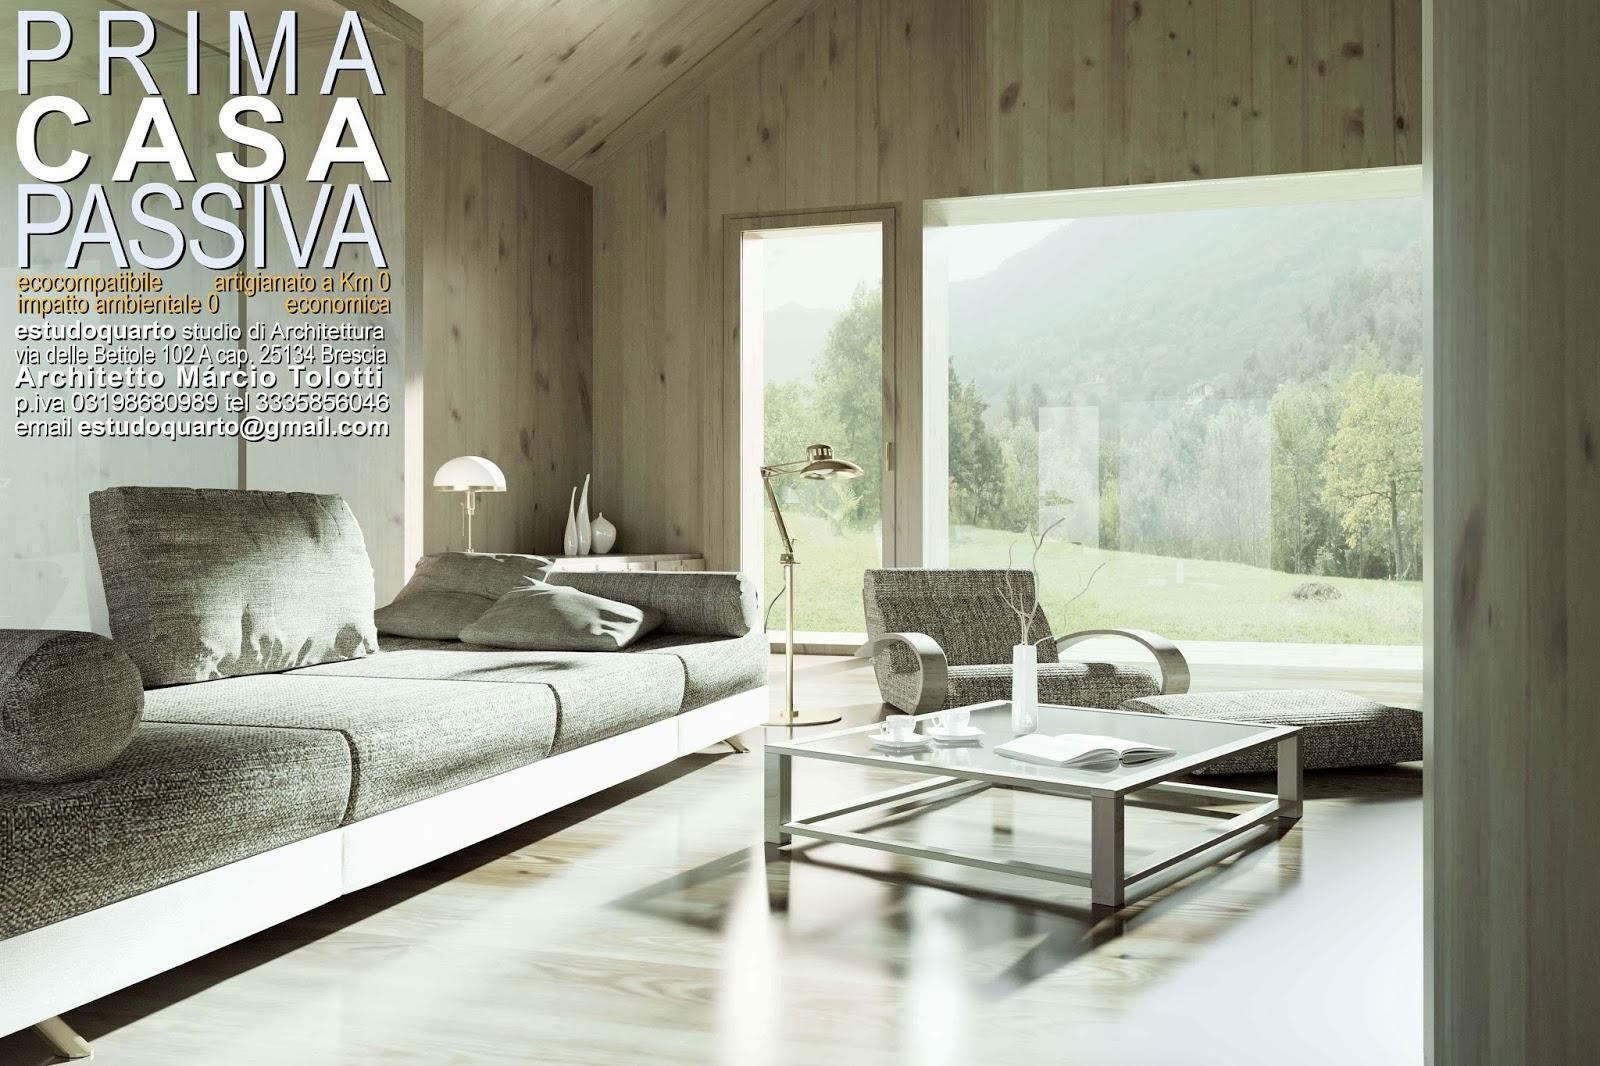 Svantaggi delledilizia in legno  Studio di Architettura a Verona Case Passive in Legno e Ristrutturazioni Minimal